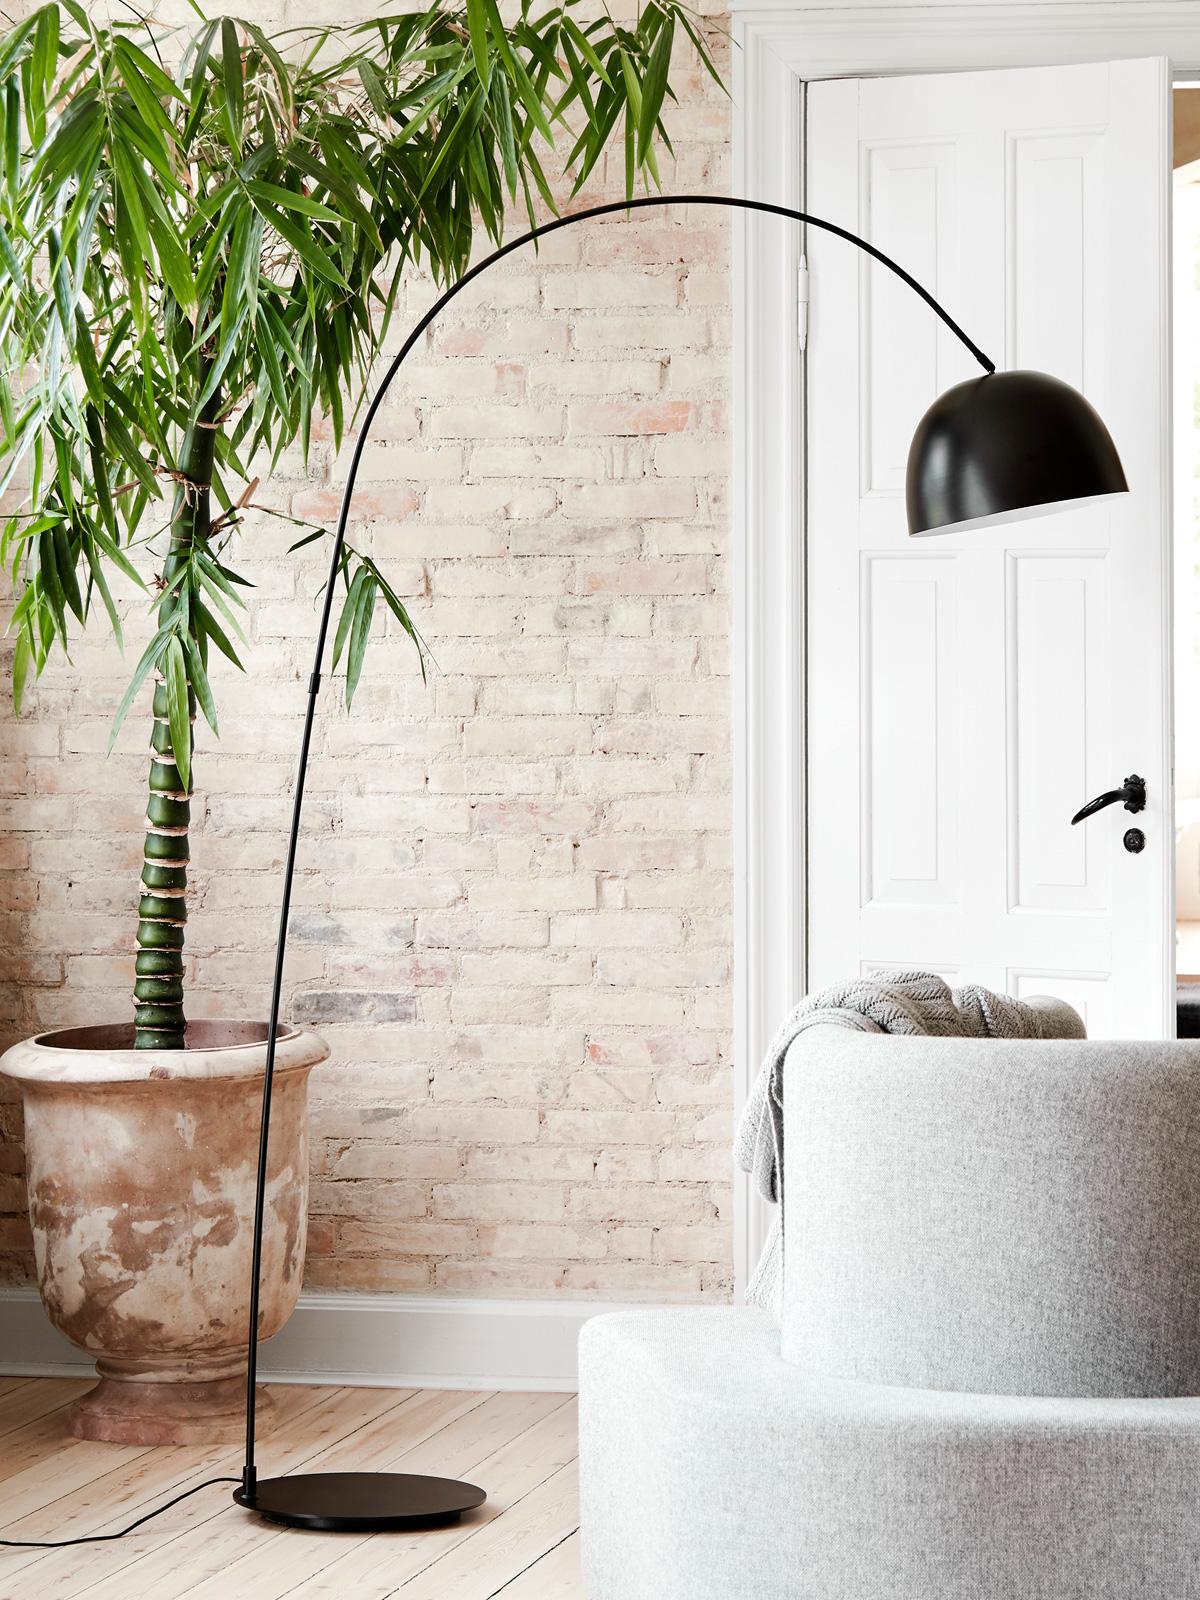 DesignOrt Blog: Frandsen Bogenleuchte Stehlampe Matt Schwarz skandinavisch DesignOrt